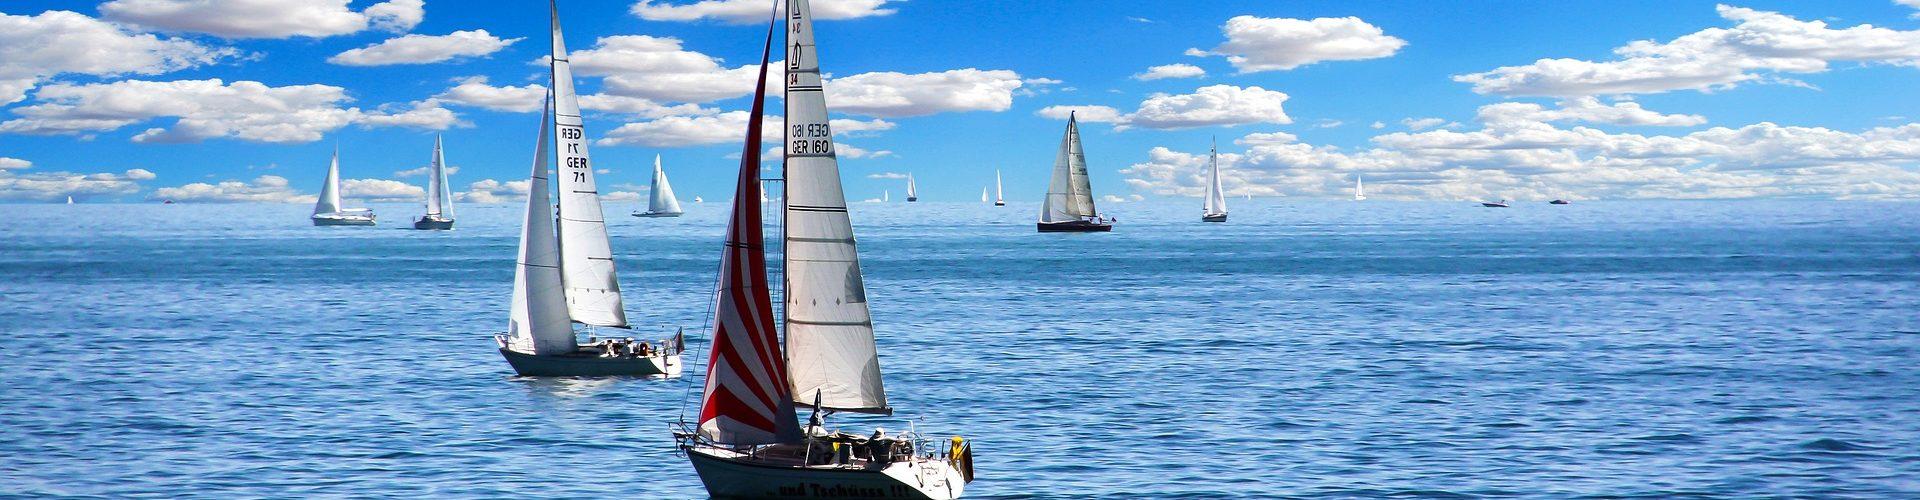 segeln lernen in Schleiz segelschein machen in Schleiz 1920x500 - Segeln lernen in Schleiz